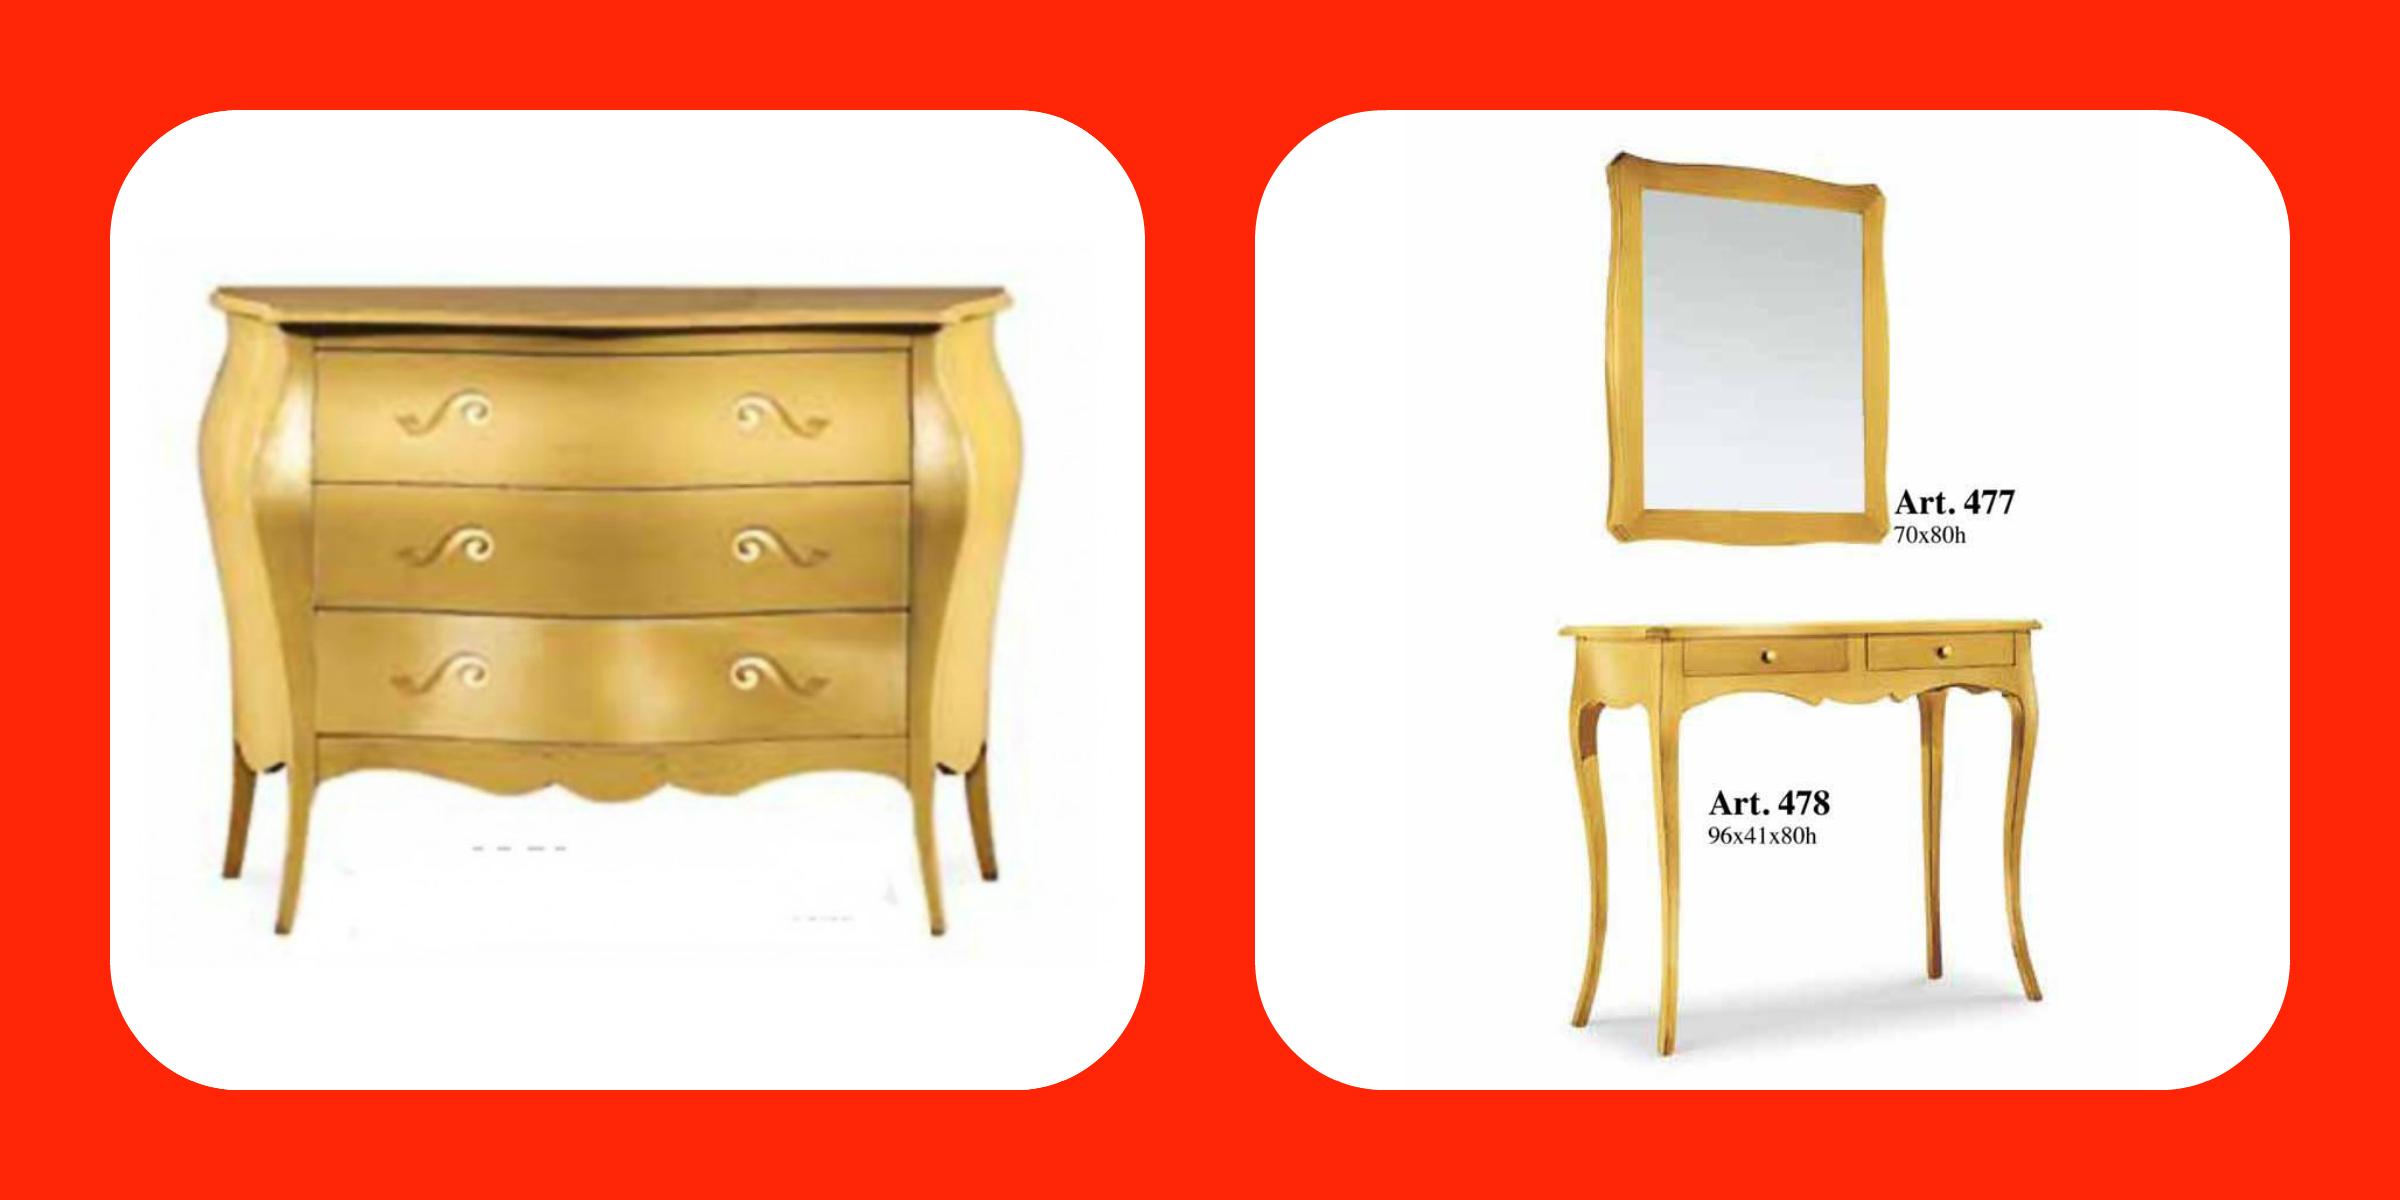 mobili arte povera mondo convenienza archivi - magazzino sottocosto - Mobili Convenienza Como